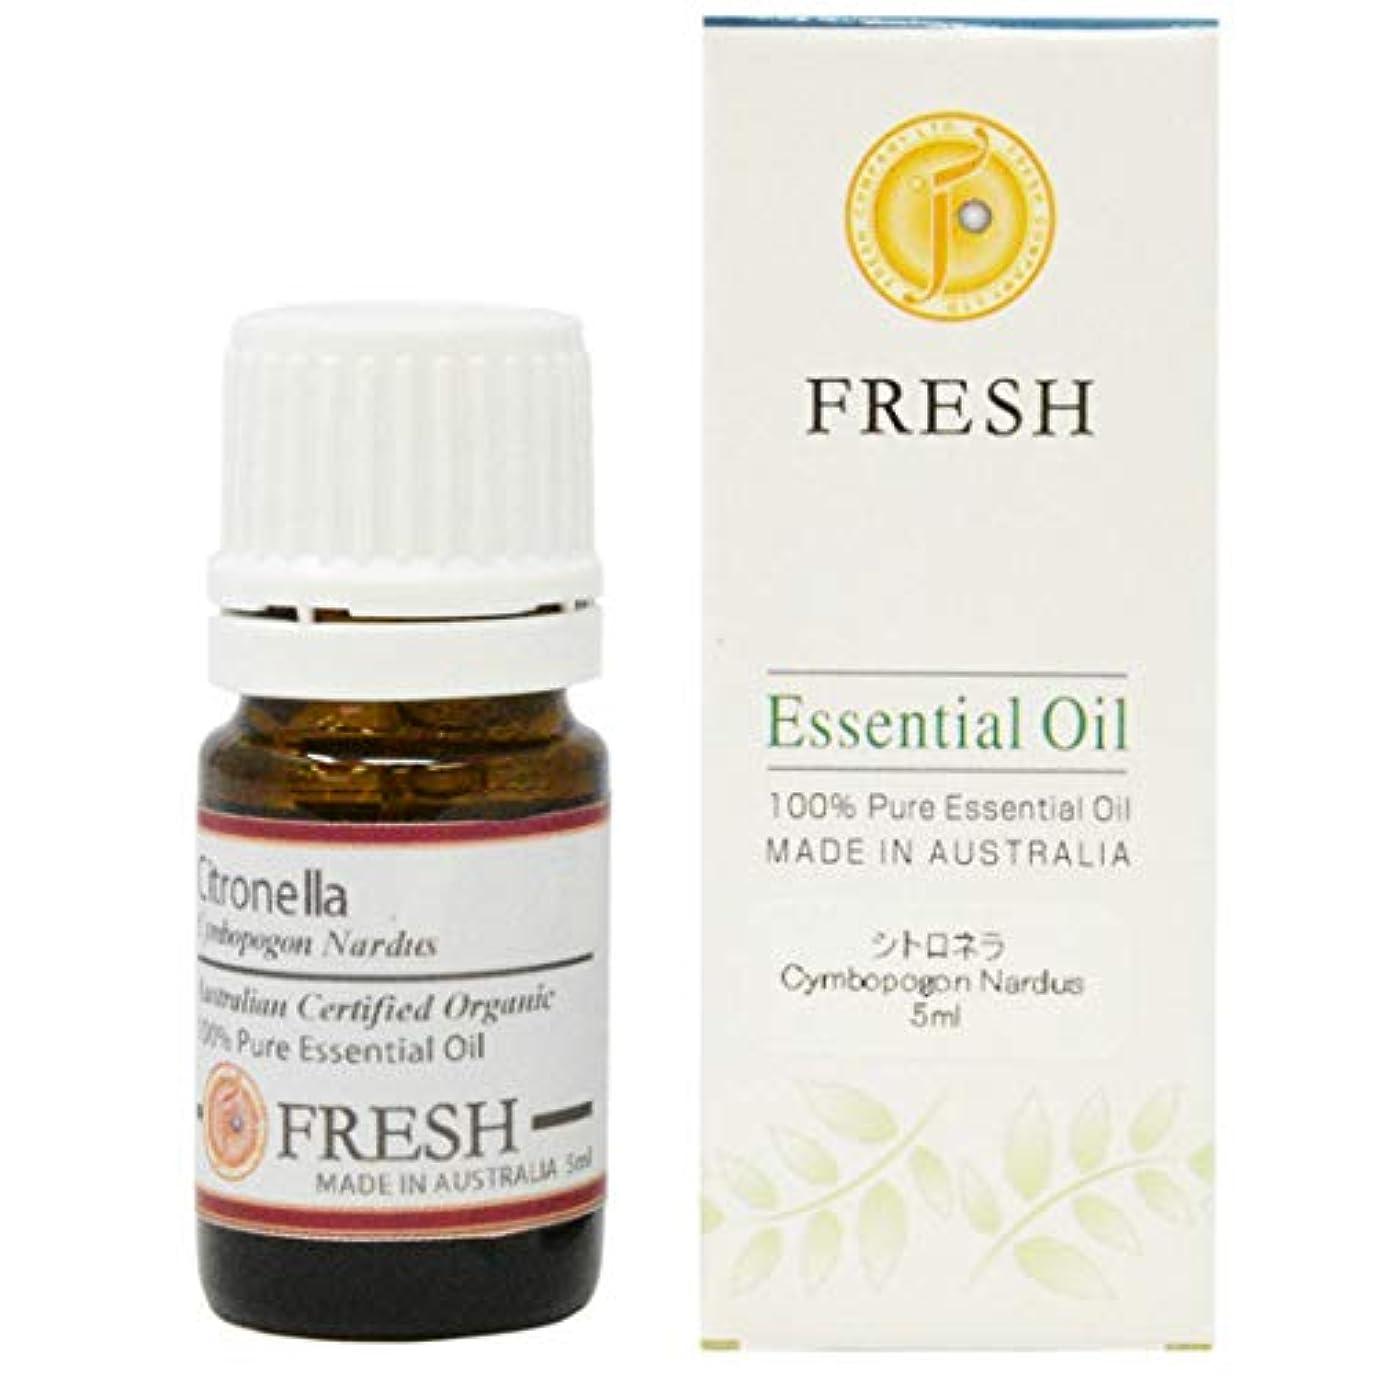 静脈不健康誘うFRESH オーガニック エッセンシャルオイル シトロネラ 5ml (FRESH 精油)